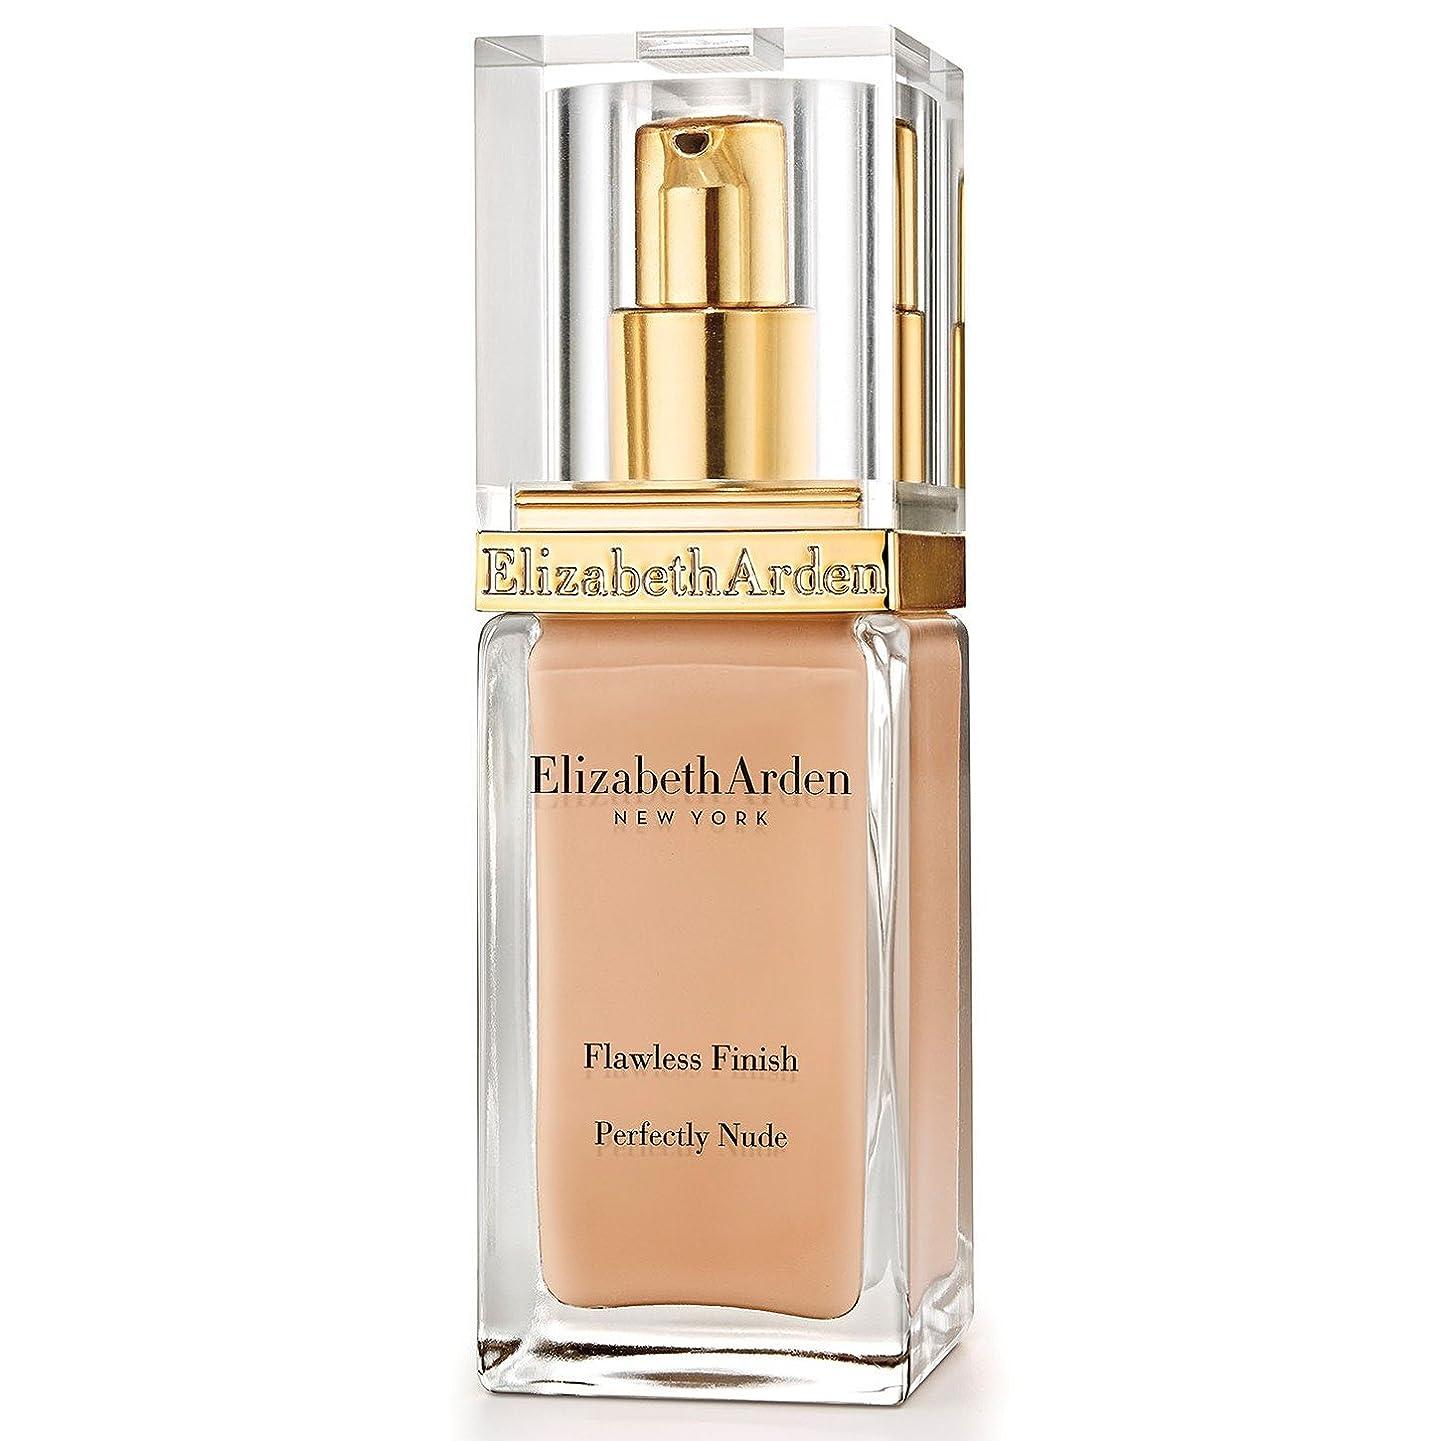 縁石スリム鯨エリザベスアーデン完璧な仕上がり完璧ヌードファンデーション 15スパイス x2 - Elizabeth Arden Flawless Finish Perfectly Nude Foundation SPF 15 Spice (Pack of 2) [並行輸入品]